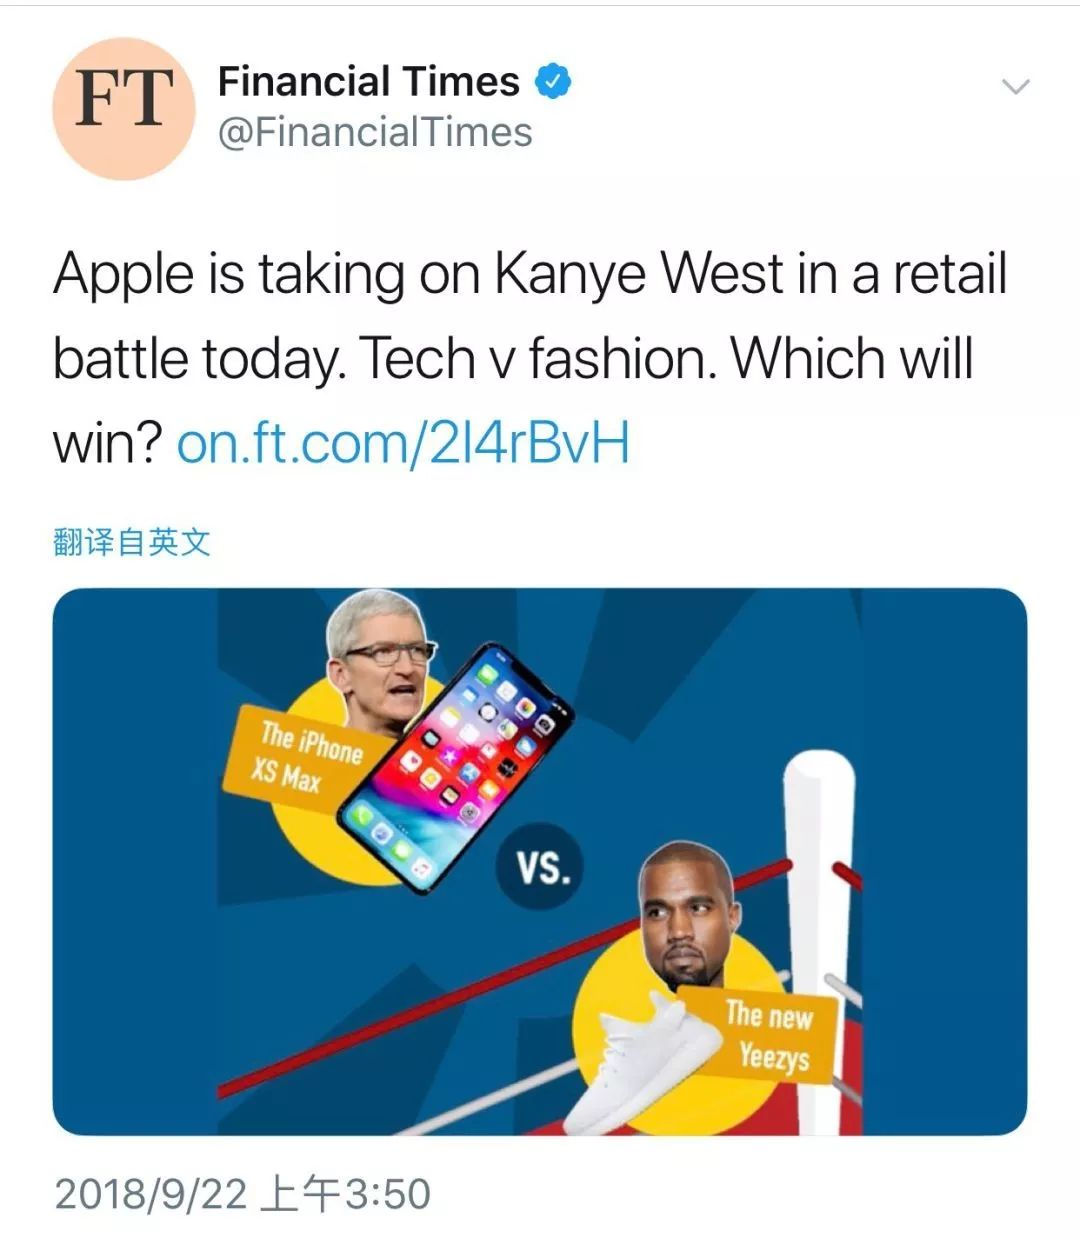 限量「椰子鞋」走进全民时代,破亿销售额背后是阿迪的爆款战略